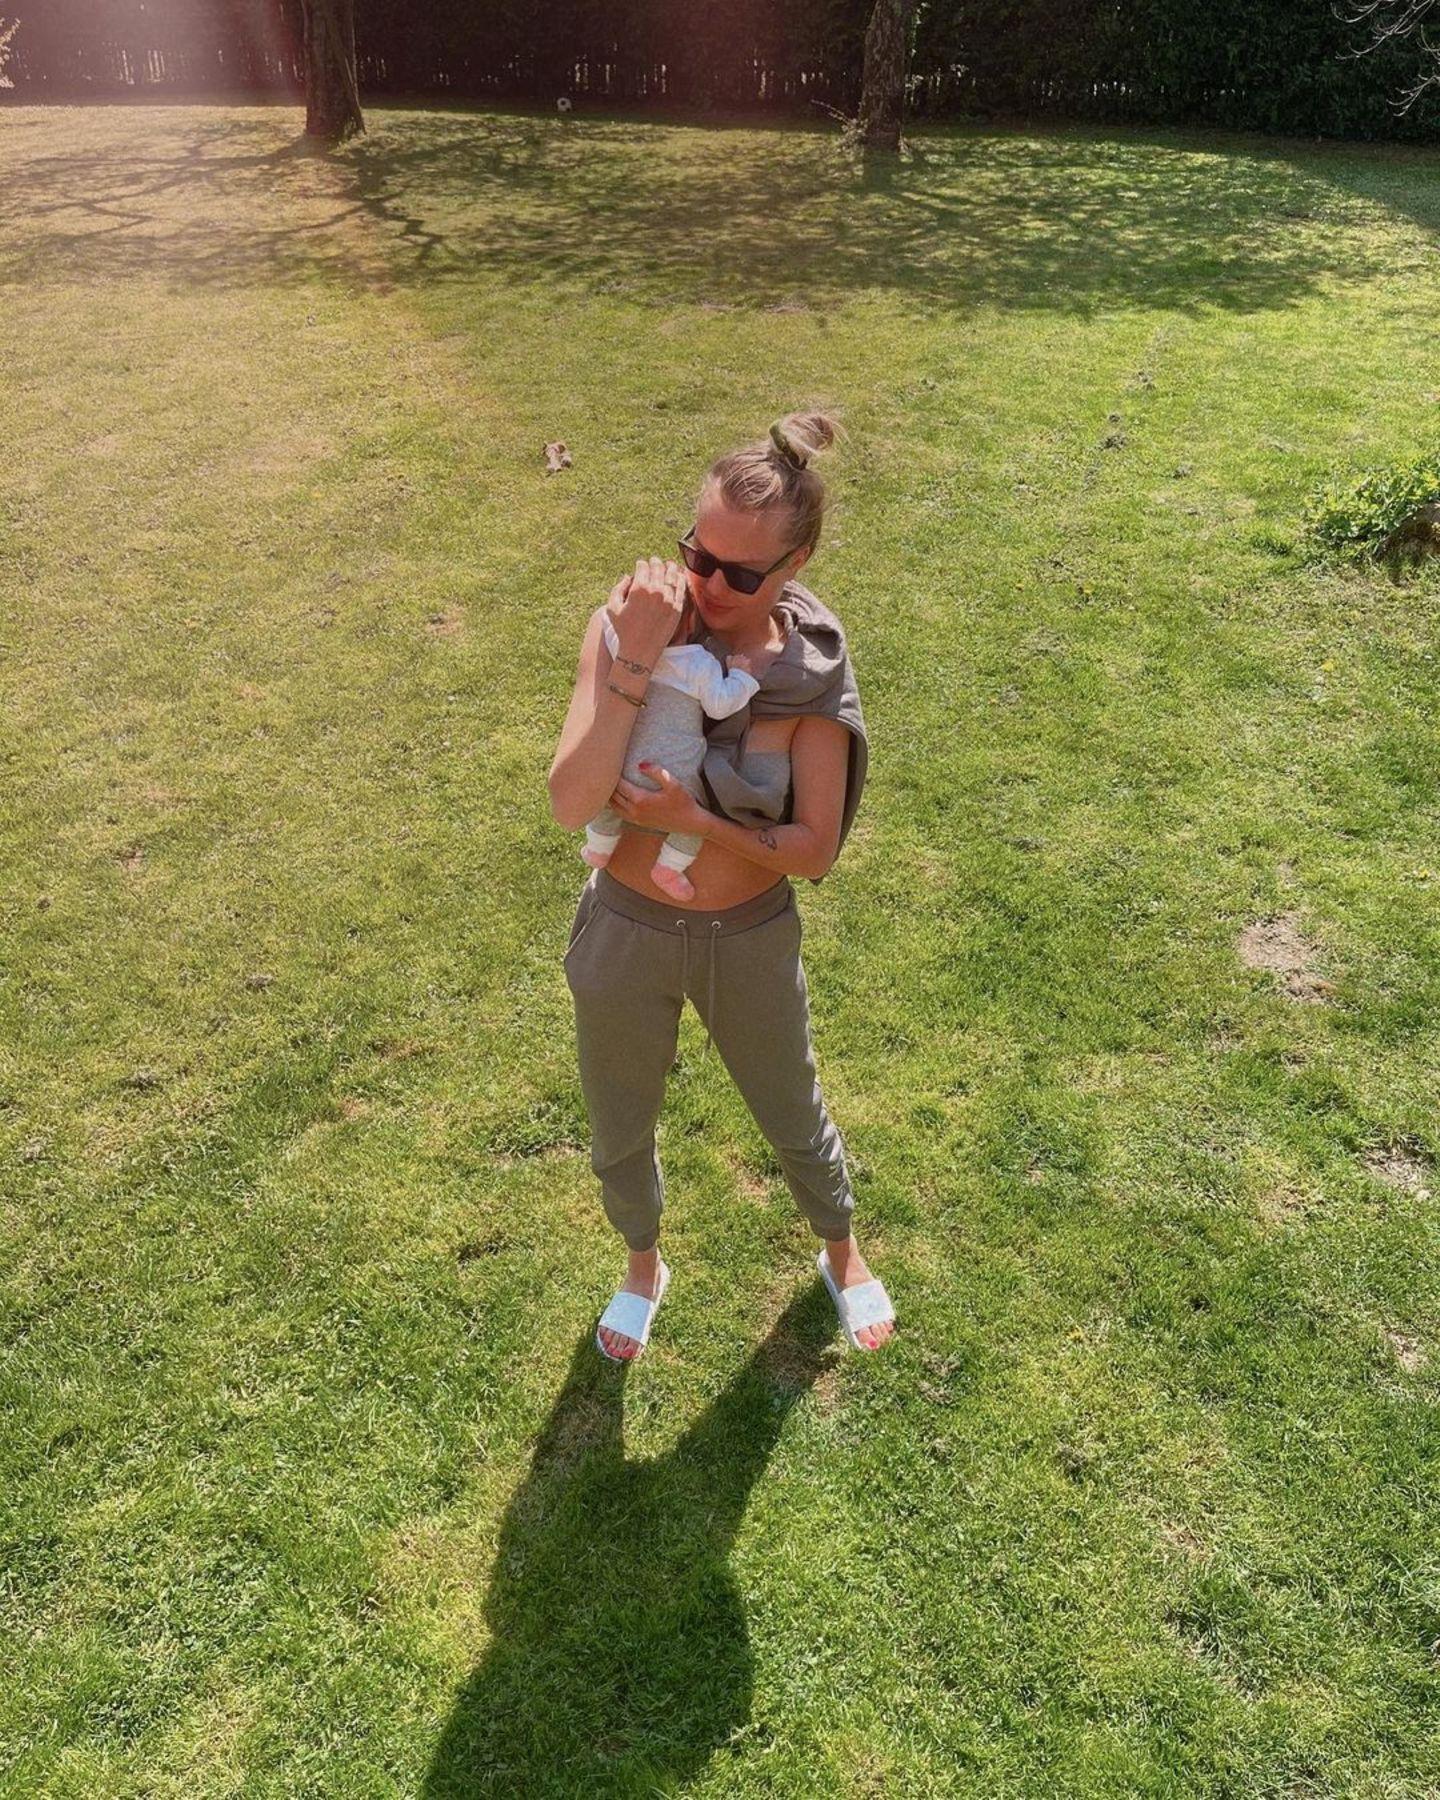 25. April 2021  Die junge Mami Cheyenne Ochsenknecht macht es genau richtig: Sie genießt die Sonntagssonne mit Töchterchen Mavie ganz nah angekuschelt auf ihren Arm. Liebevoll und idyllisch!